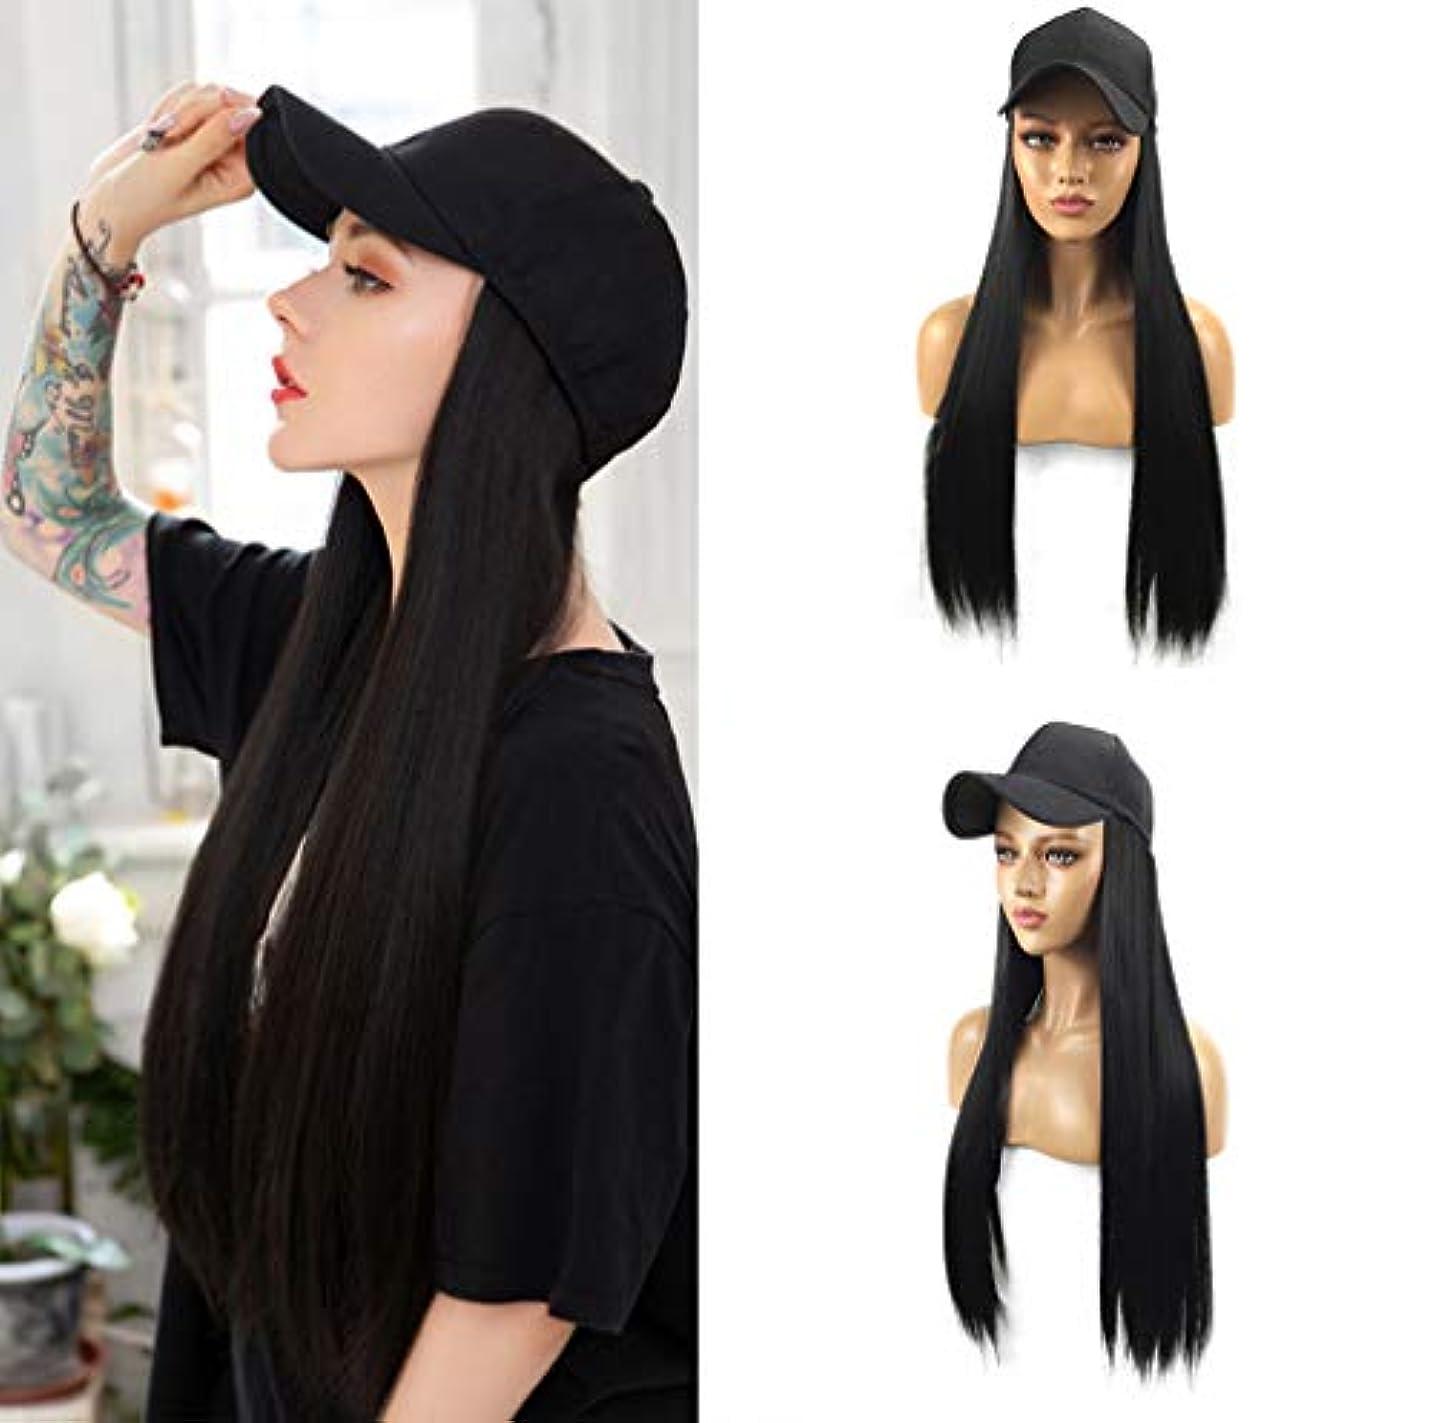 押すおしゃれじゃないツール調節可能な黒の野球帽が付いた人工毛エクステンション付きの女性のナチュラルロングストレートウィッグ